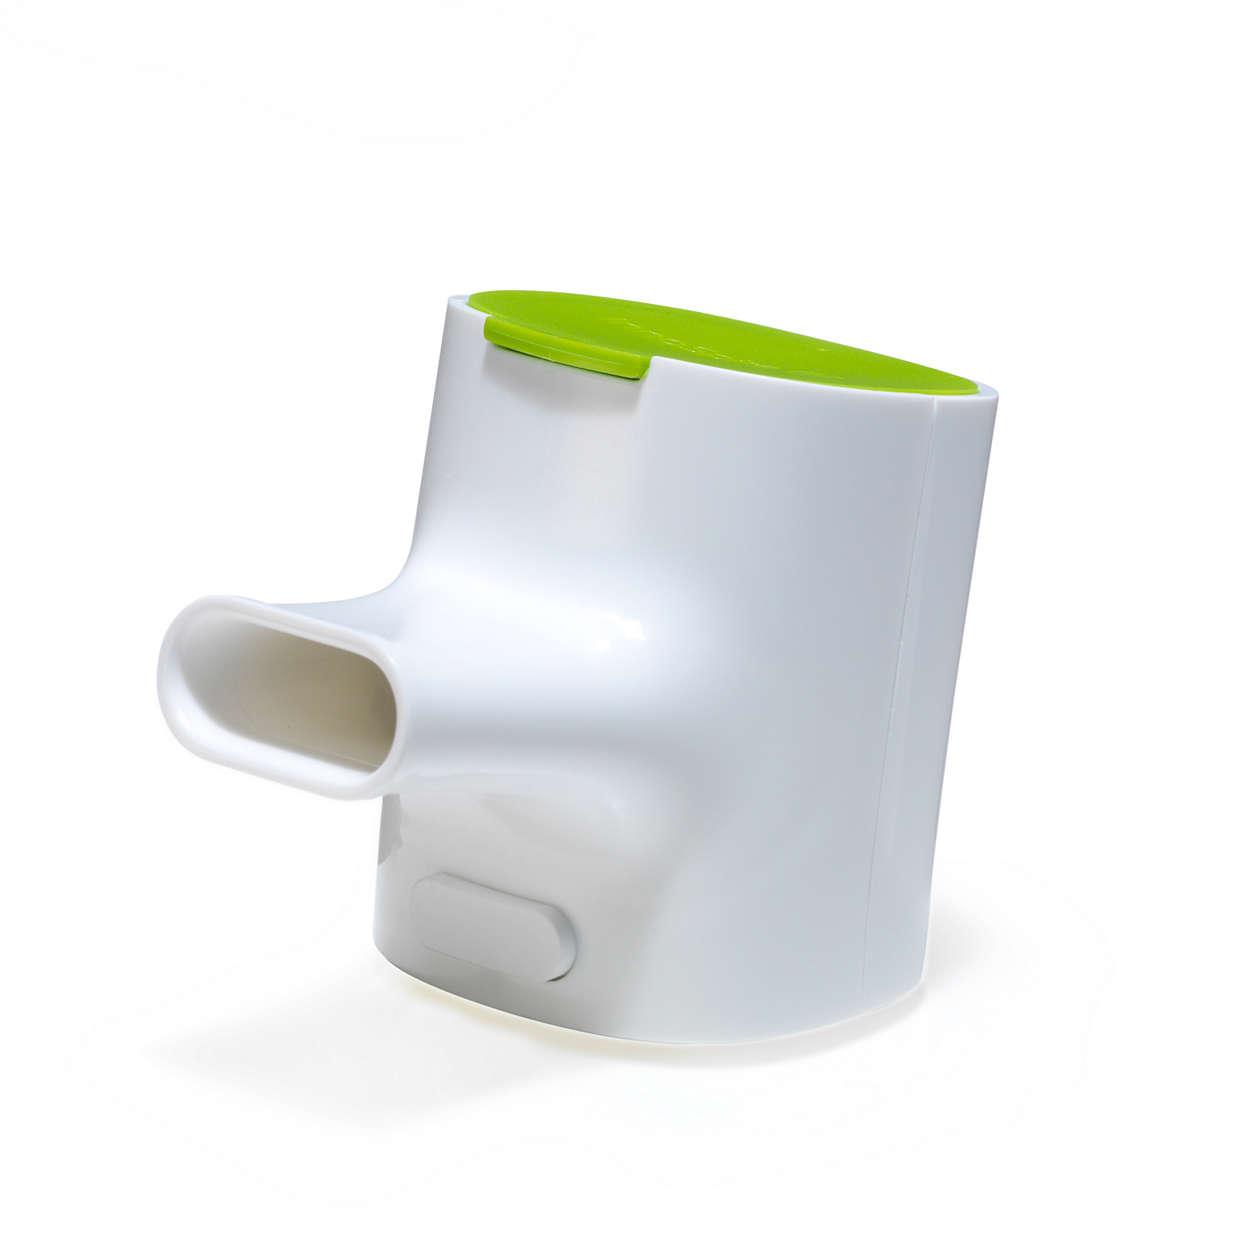 Technologie de maille vibratoire, efficacité cliniquement prouvée